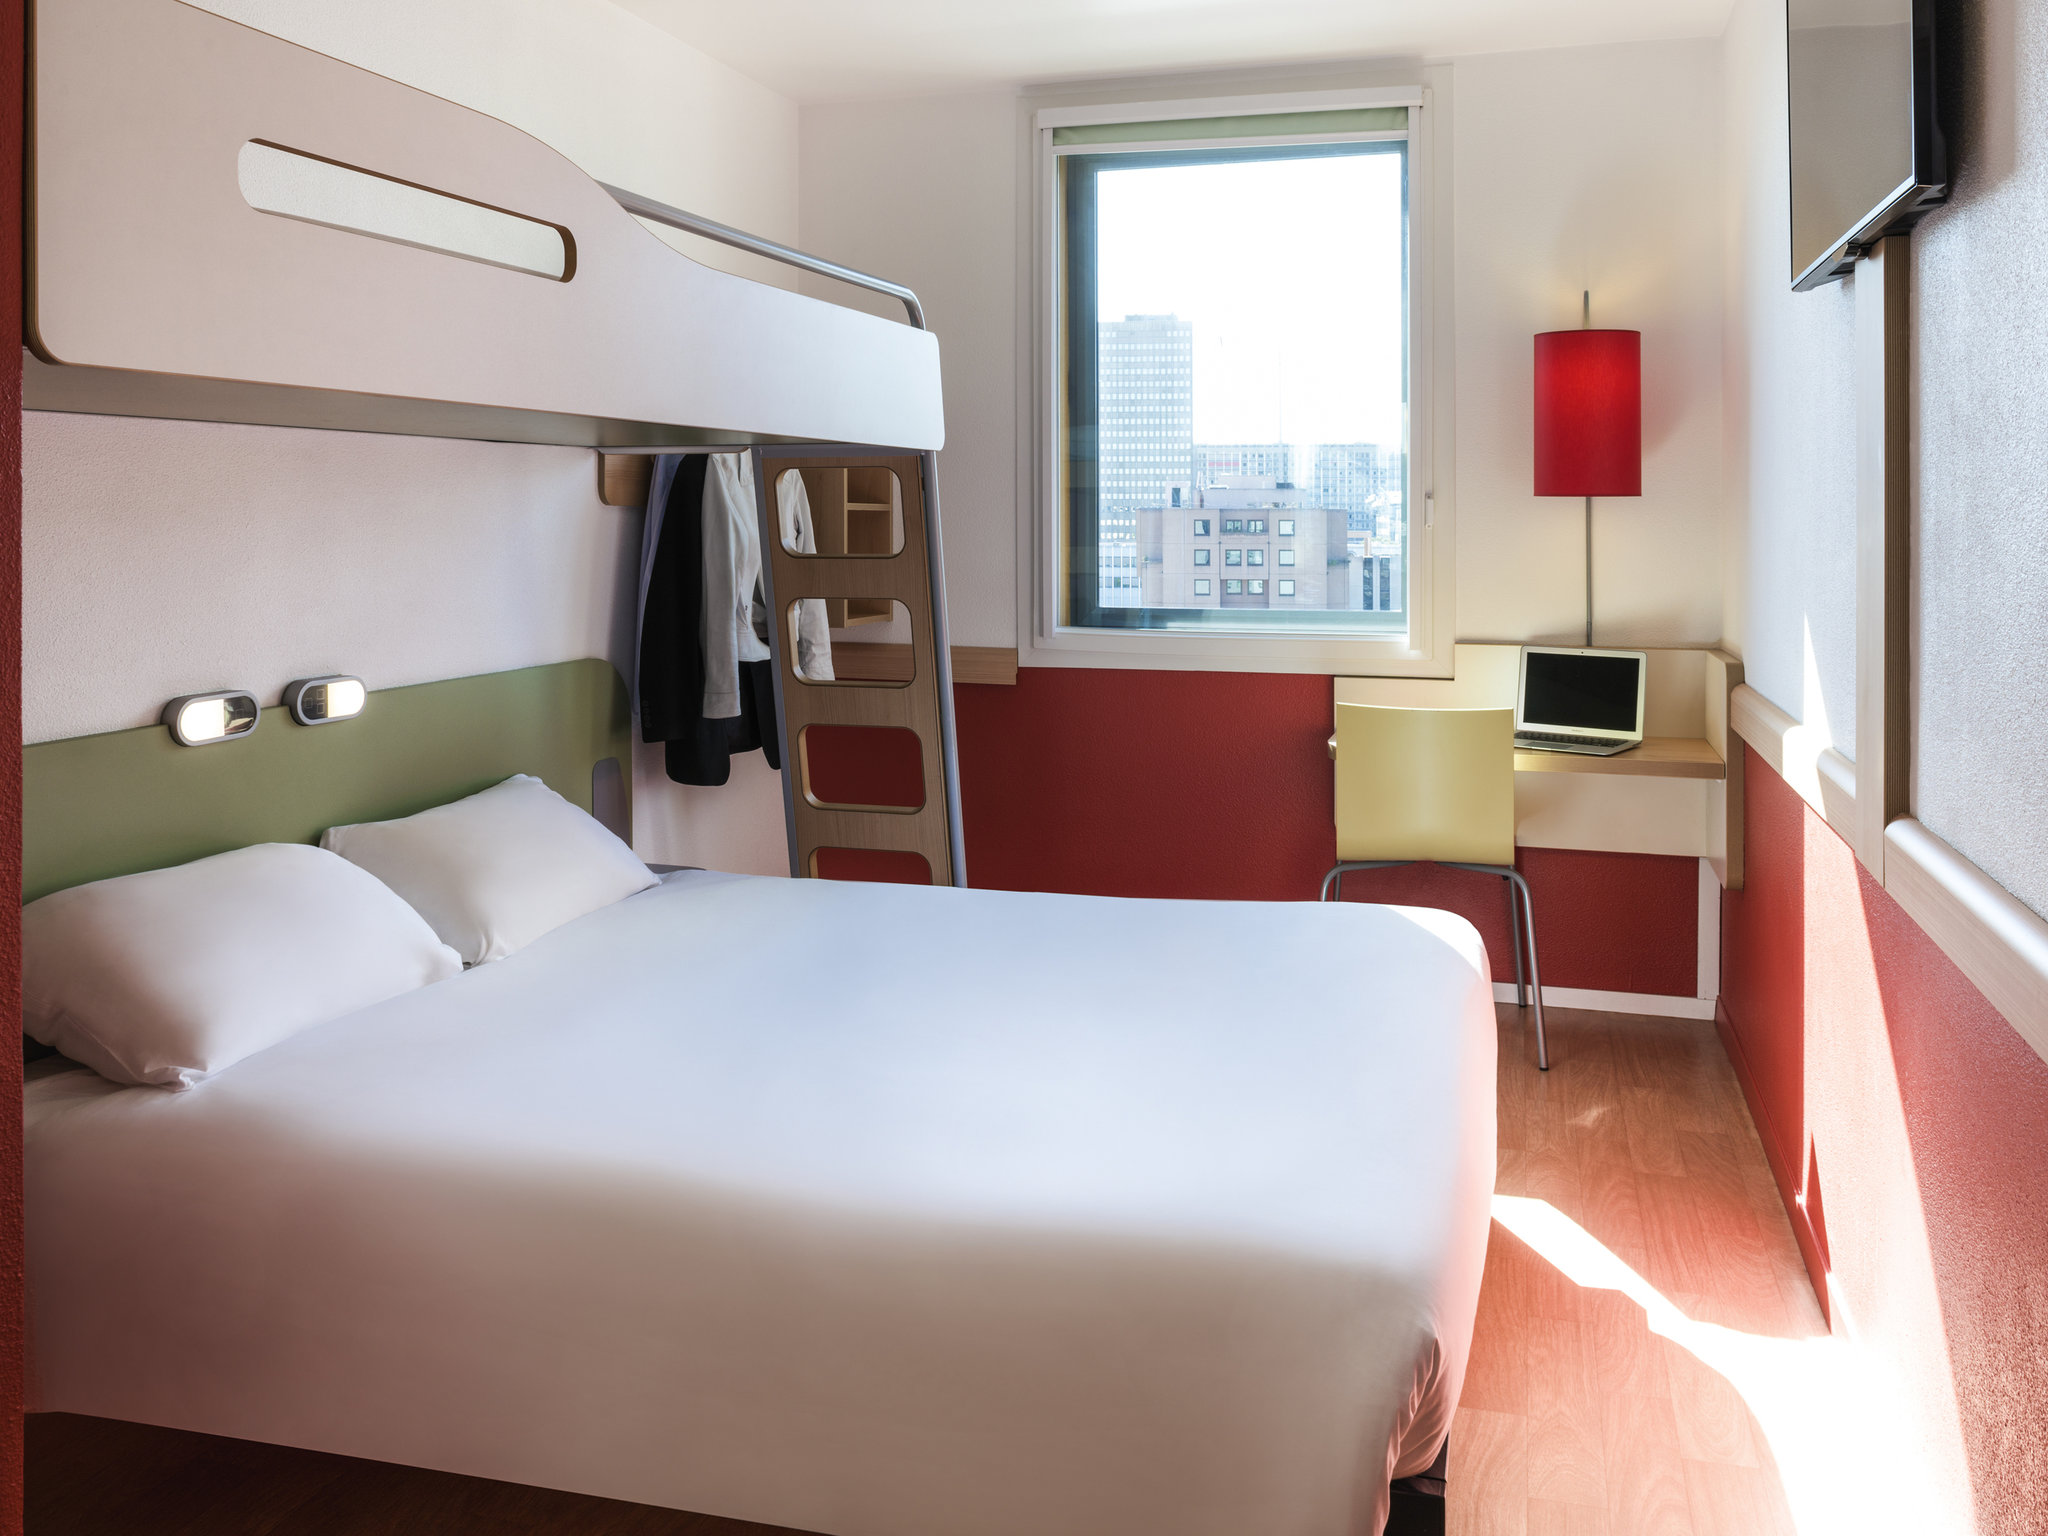 Hotel Ibis Gare De Lyon Part Dieu